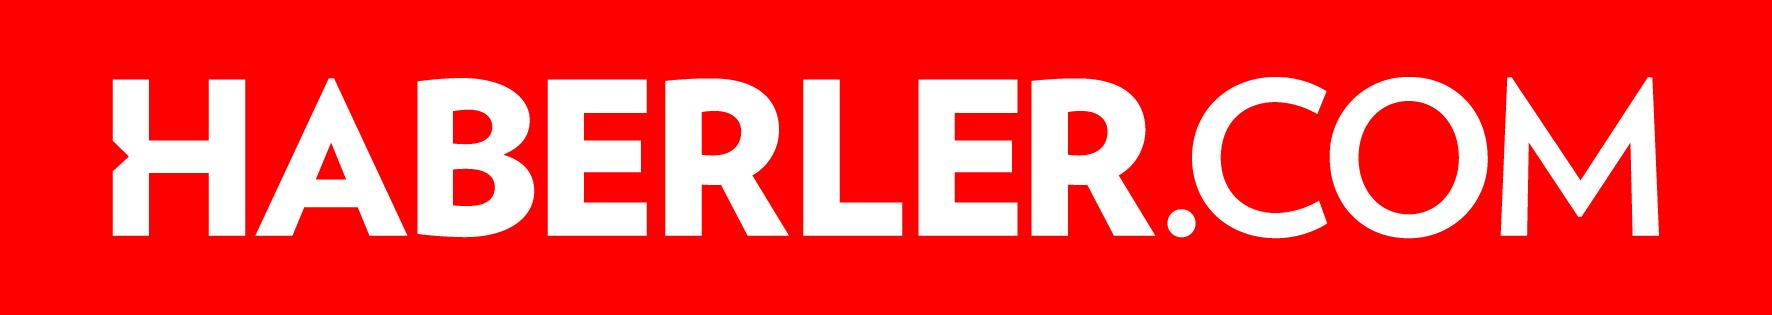 Haberler.com Logo png